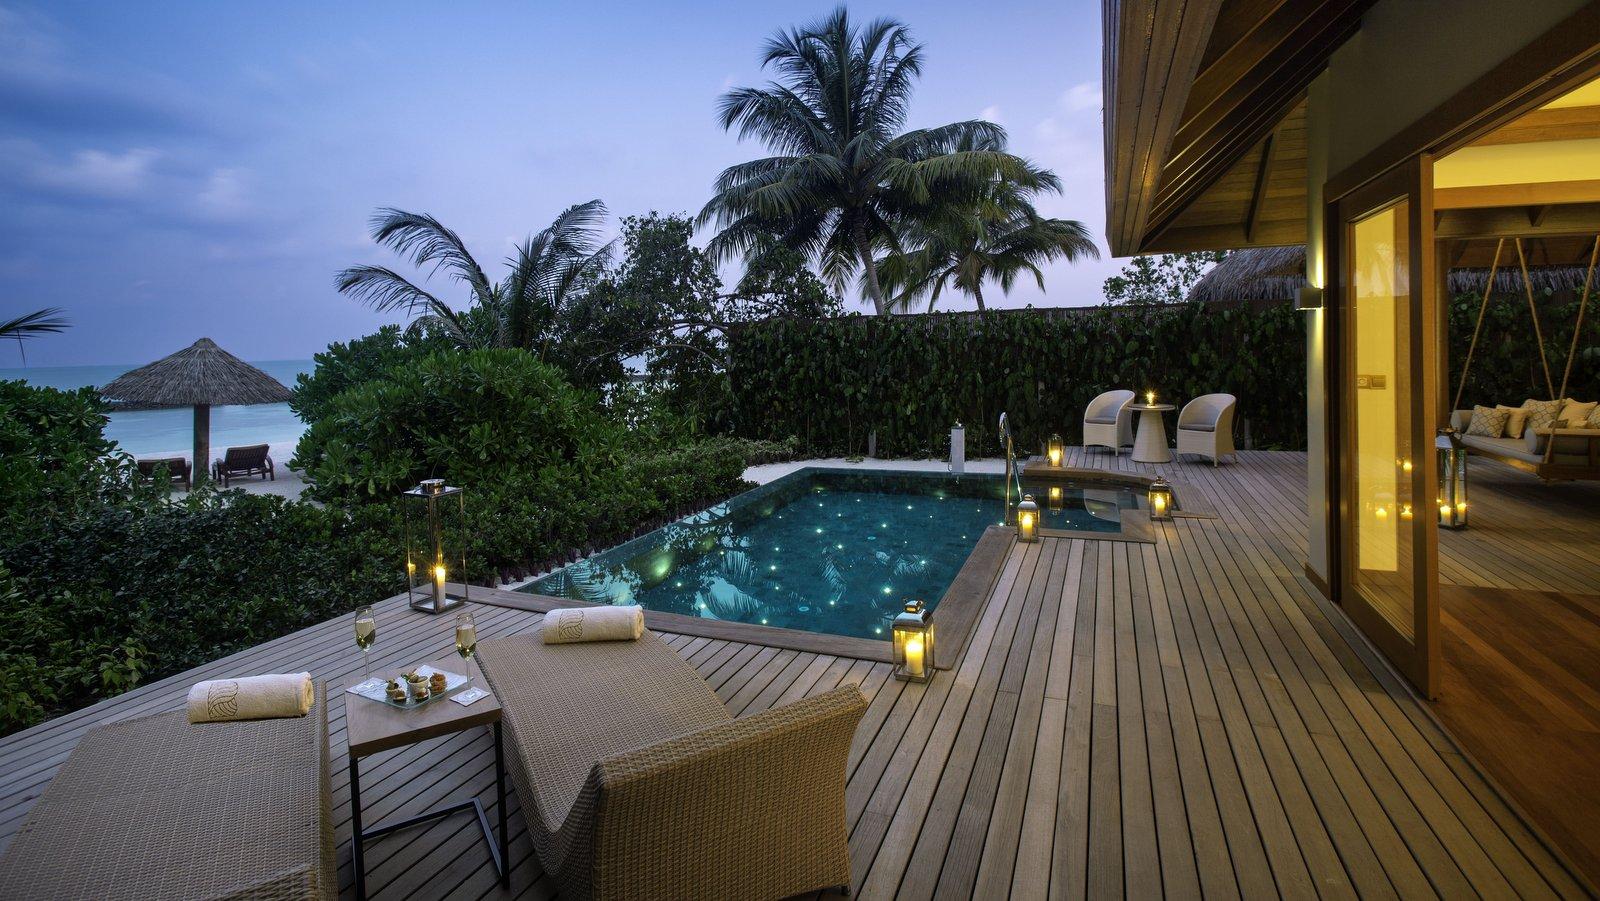 Мальдивы, отель Baros Maldives, номер Baros Suite